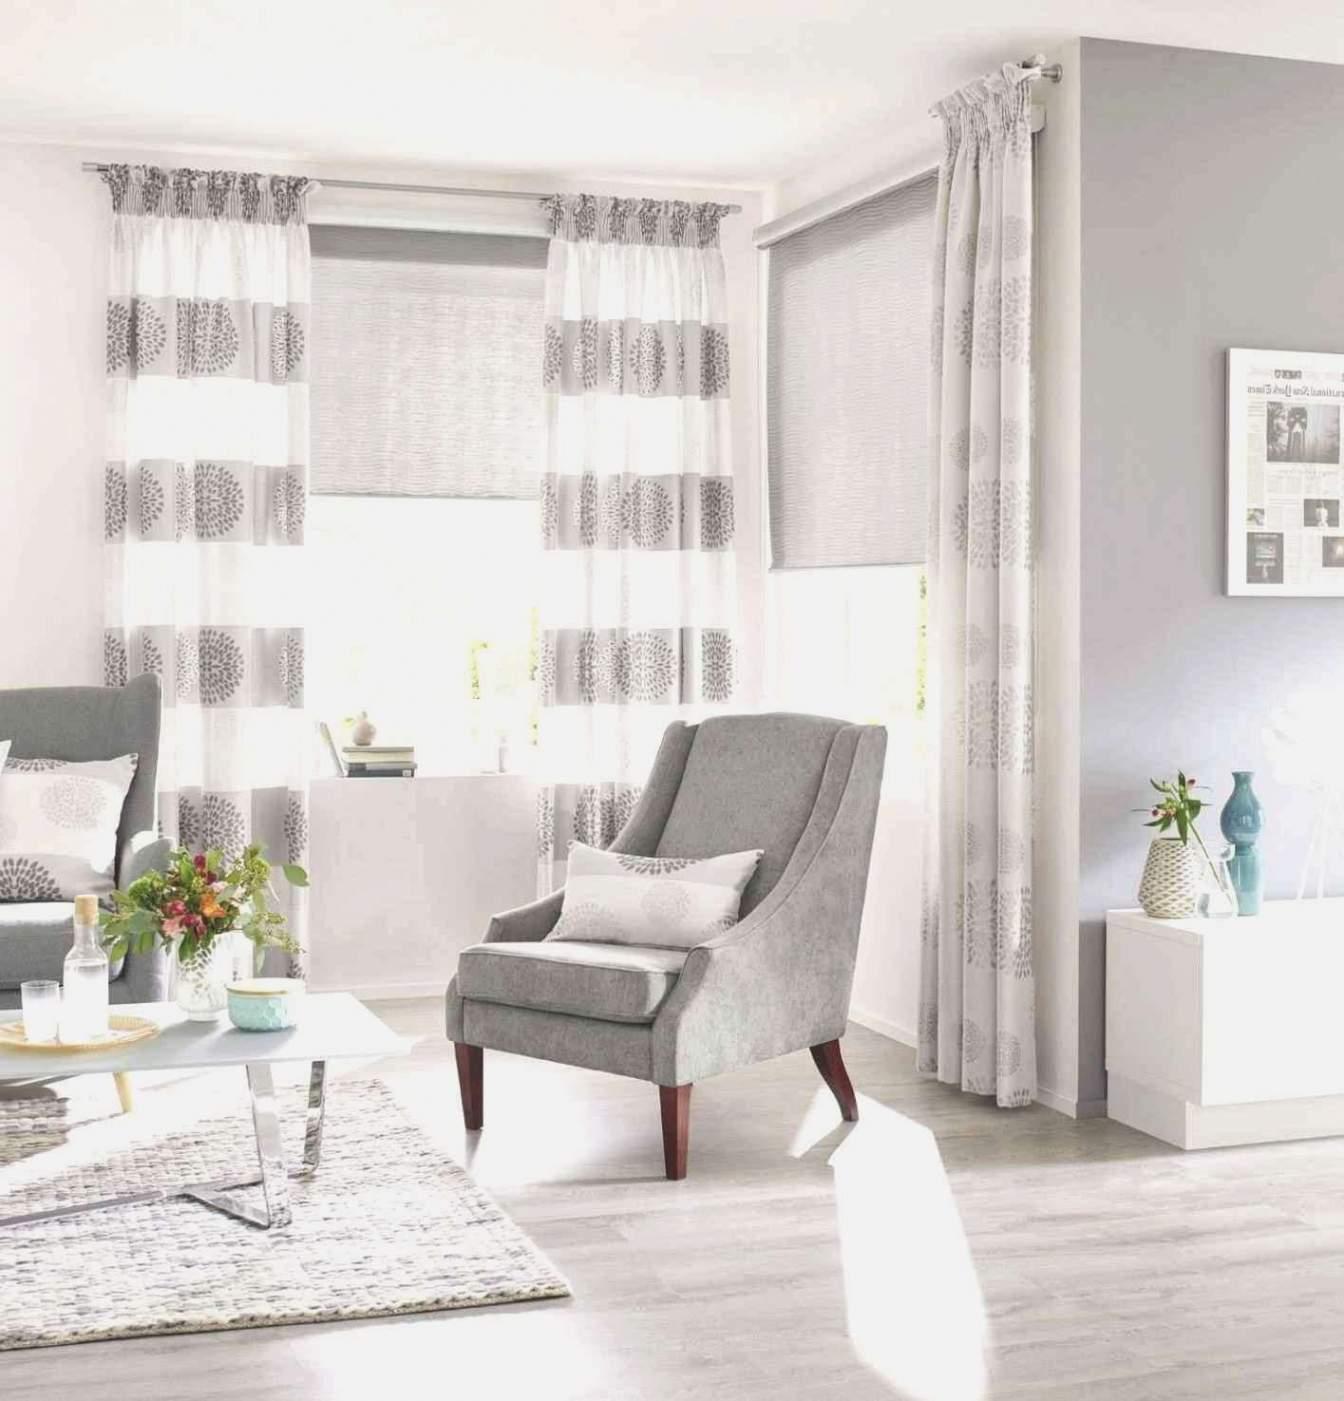 Full Size of Edle Gardinen Wohnzimmer 37 Luxus Moderne Inspirierend Frisch Teppich Für Schlafzimmer Hängeleuchte Stehlampe Decken Relaxliege Hängeschrank Weiß Hochglanz Wohnzimmer Edle Gardinen Wohnzimmer